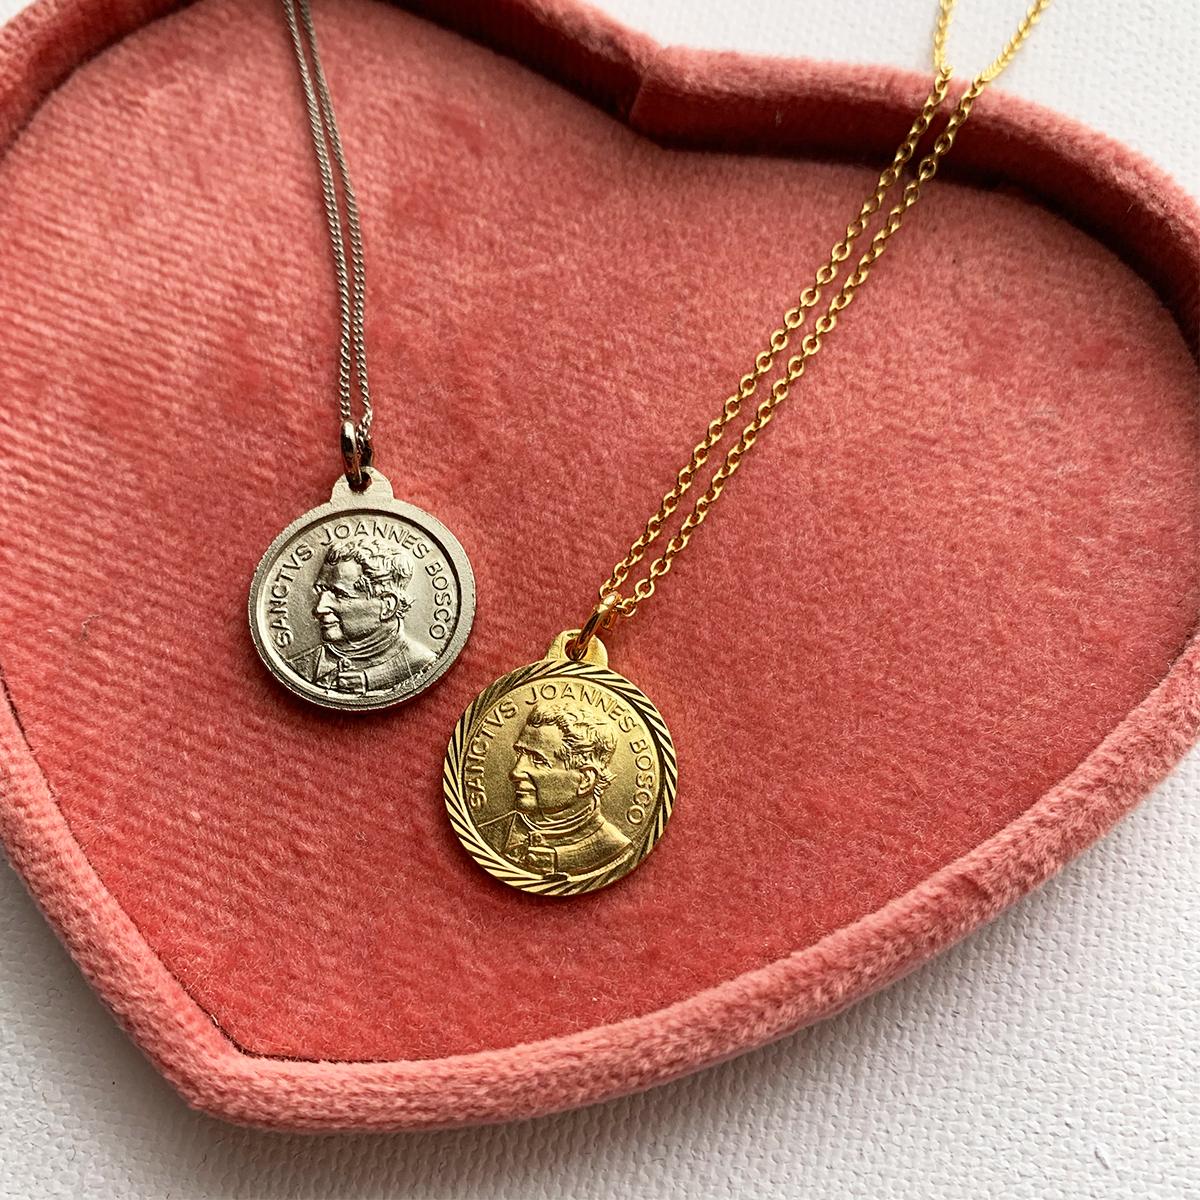 Medai Coin Necklace